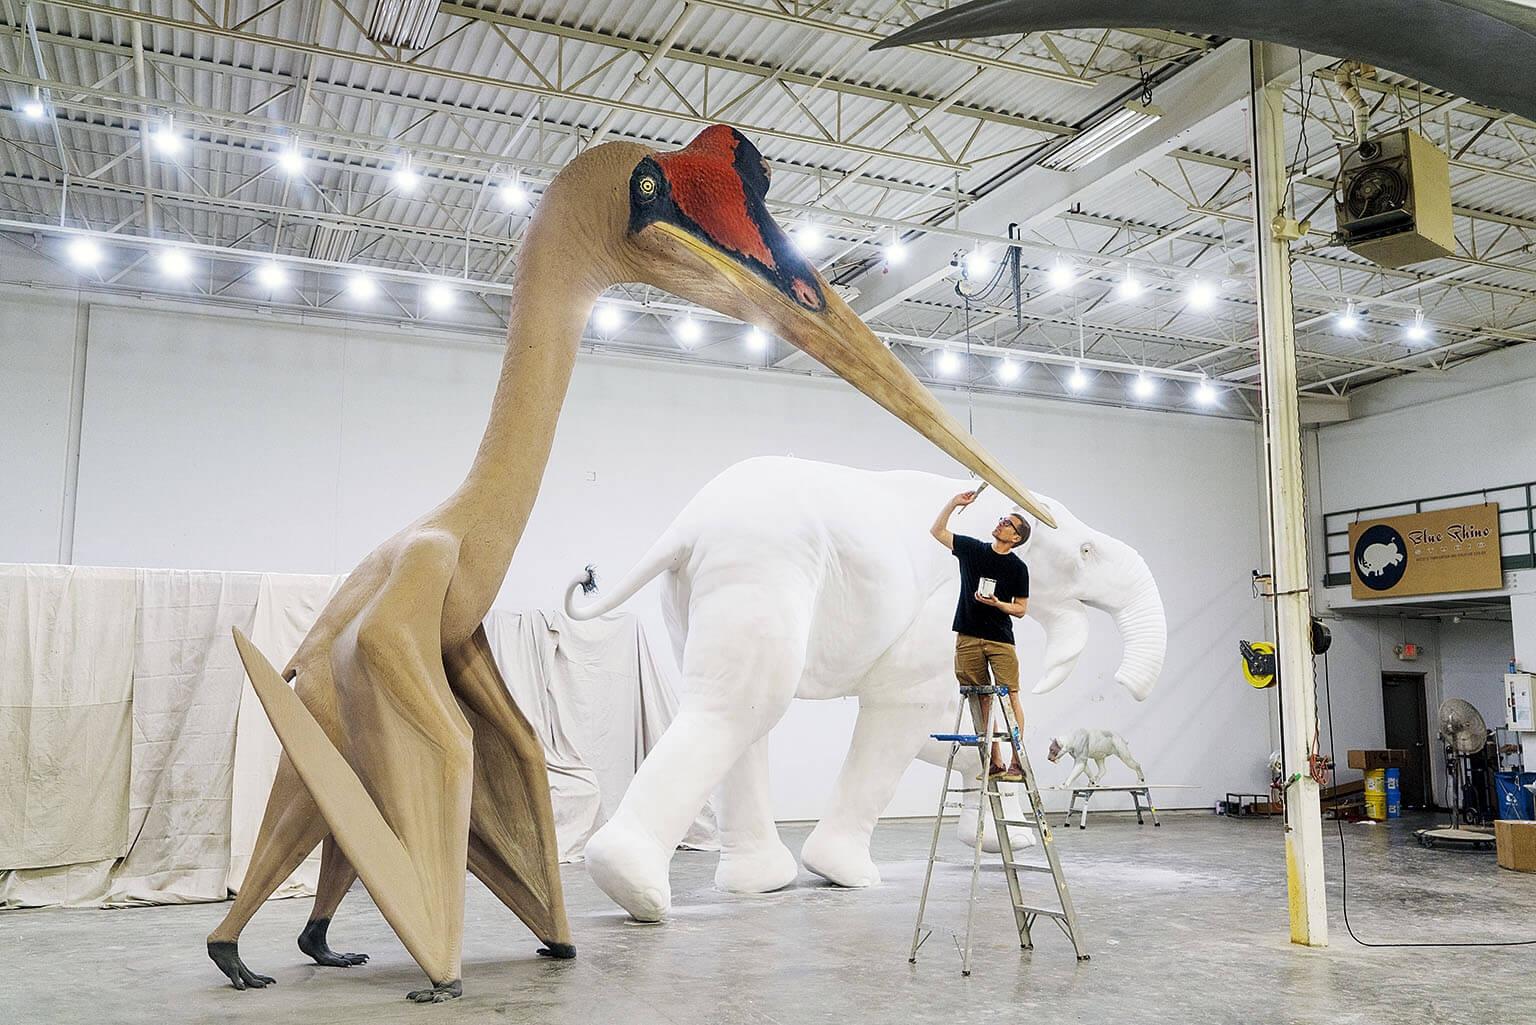 諾氏風神翼龍(Quetzalcoatlus northropi)幾乎和長頸鹿一樣高,翼展相當於F-16戰機,是有史以來最巨大的飛行動物之一。美國明尼蘇達州一個工作室正塗繪這個實物大小的模型,準備送往科威特一間文化中心。 攝影:羅伯特.克拉克 Robert Clark